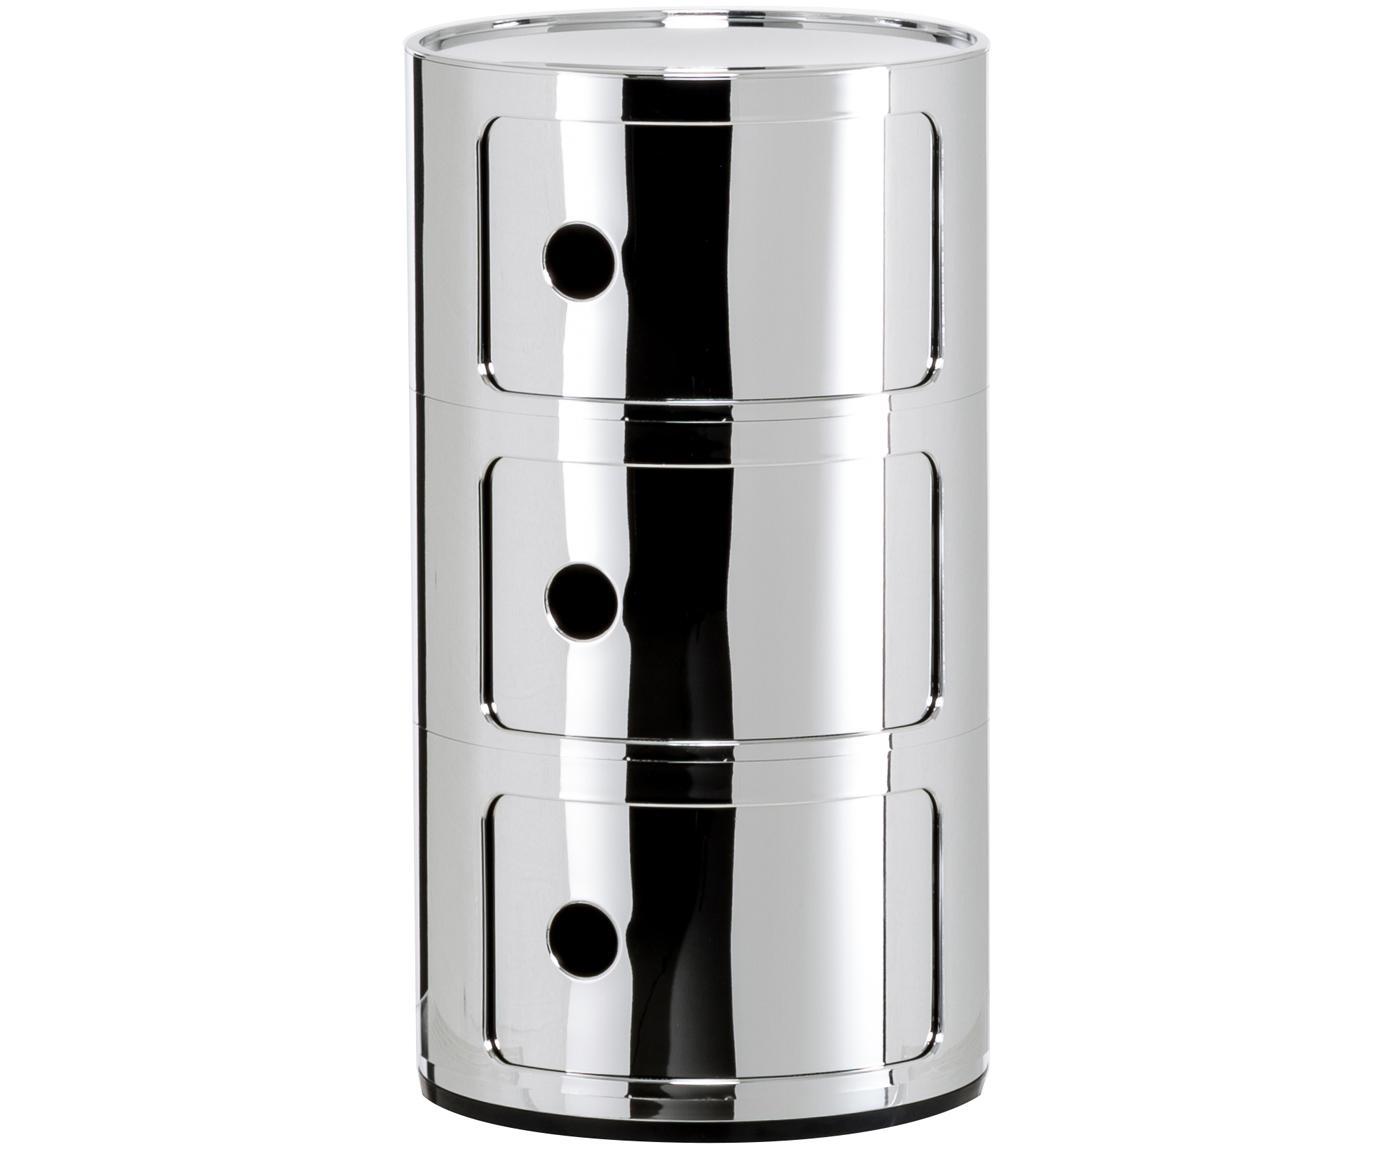 Comodino di design con cassetti Componibile, Materiale sintetico, rivestito in metallo, Cromo, Ø 32 x Alt. 59 cm